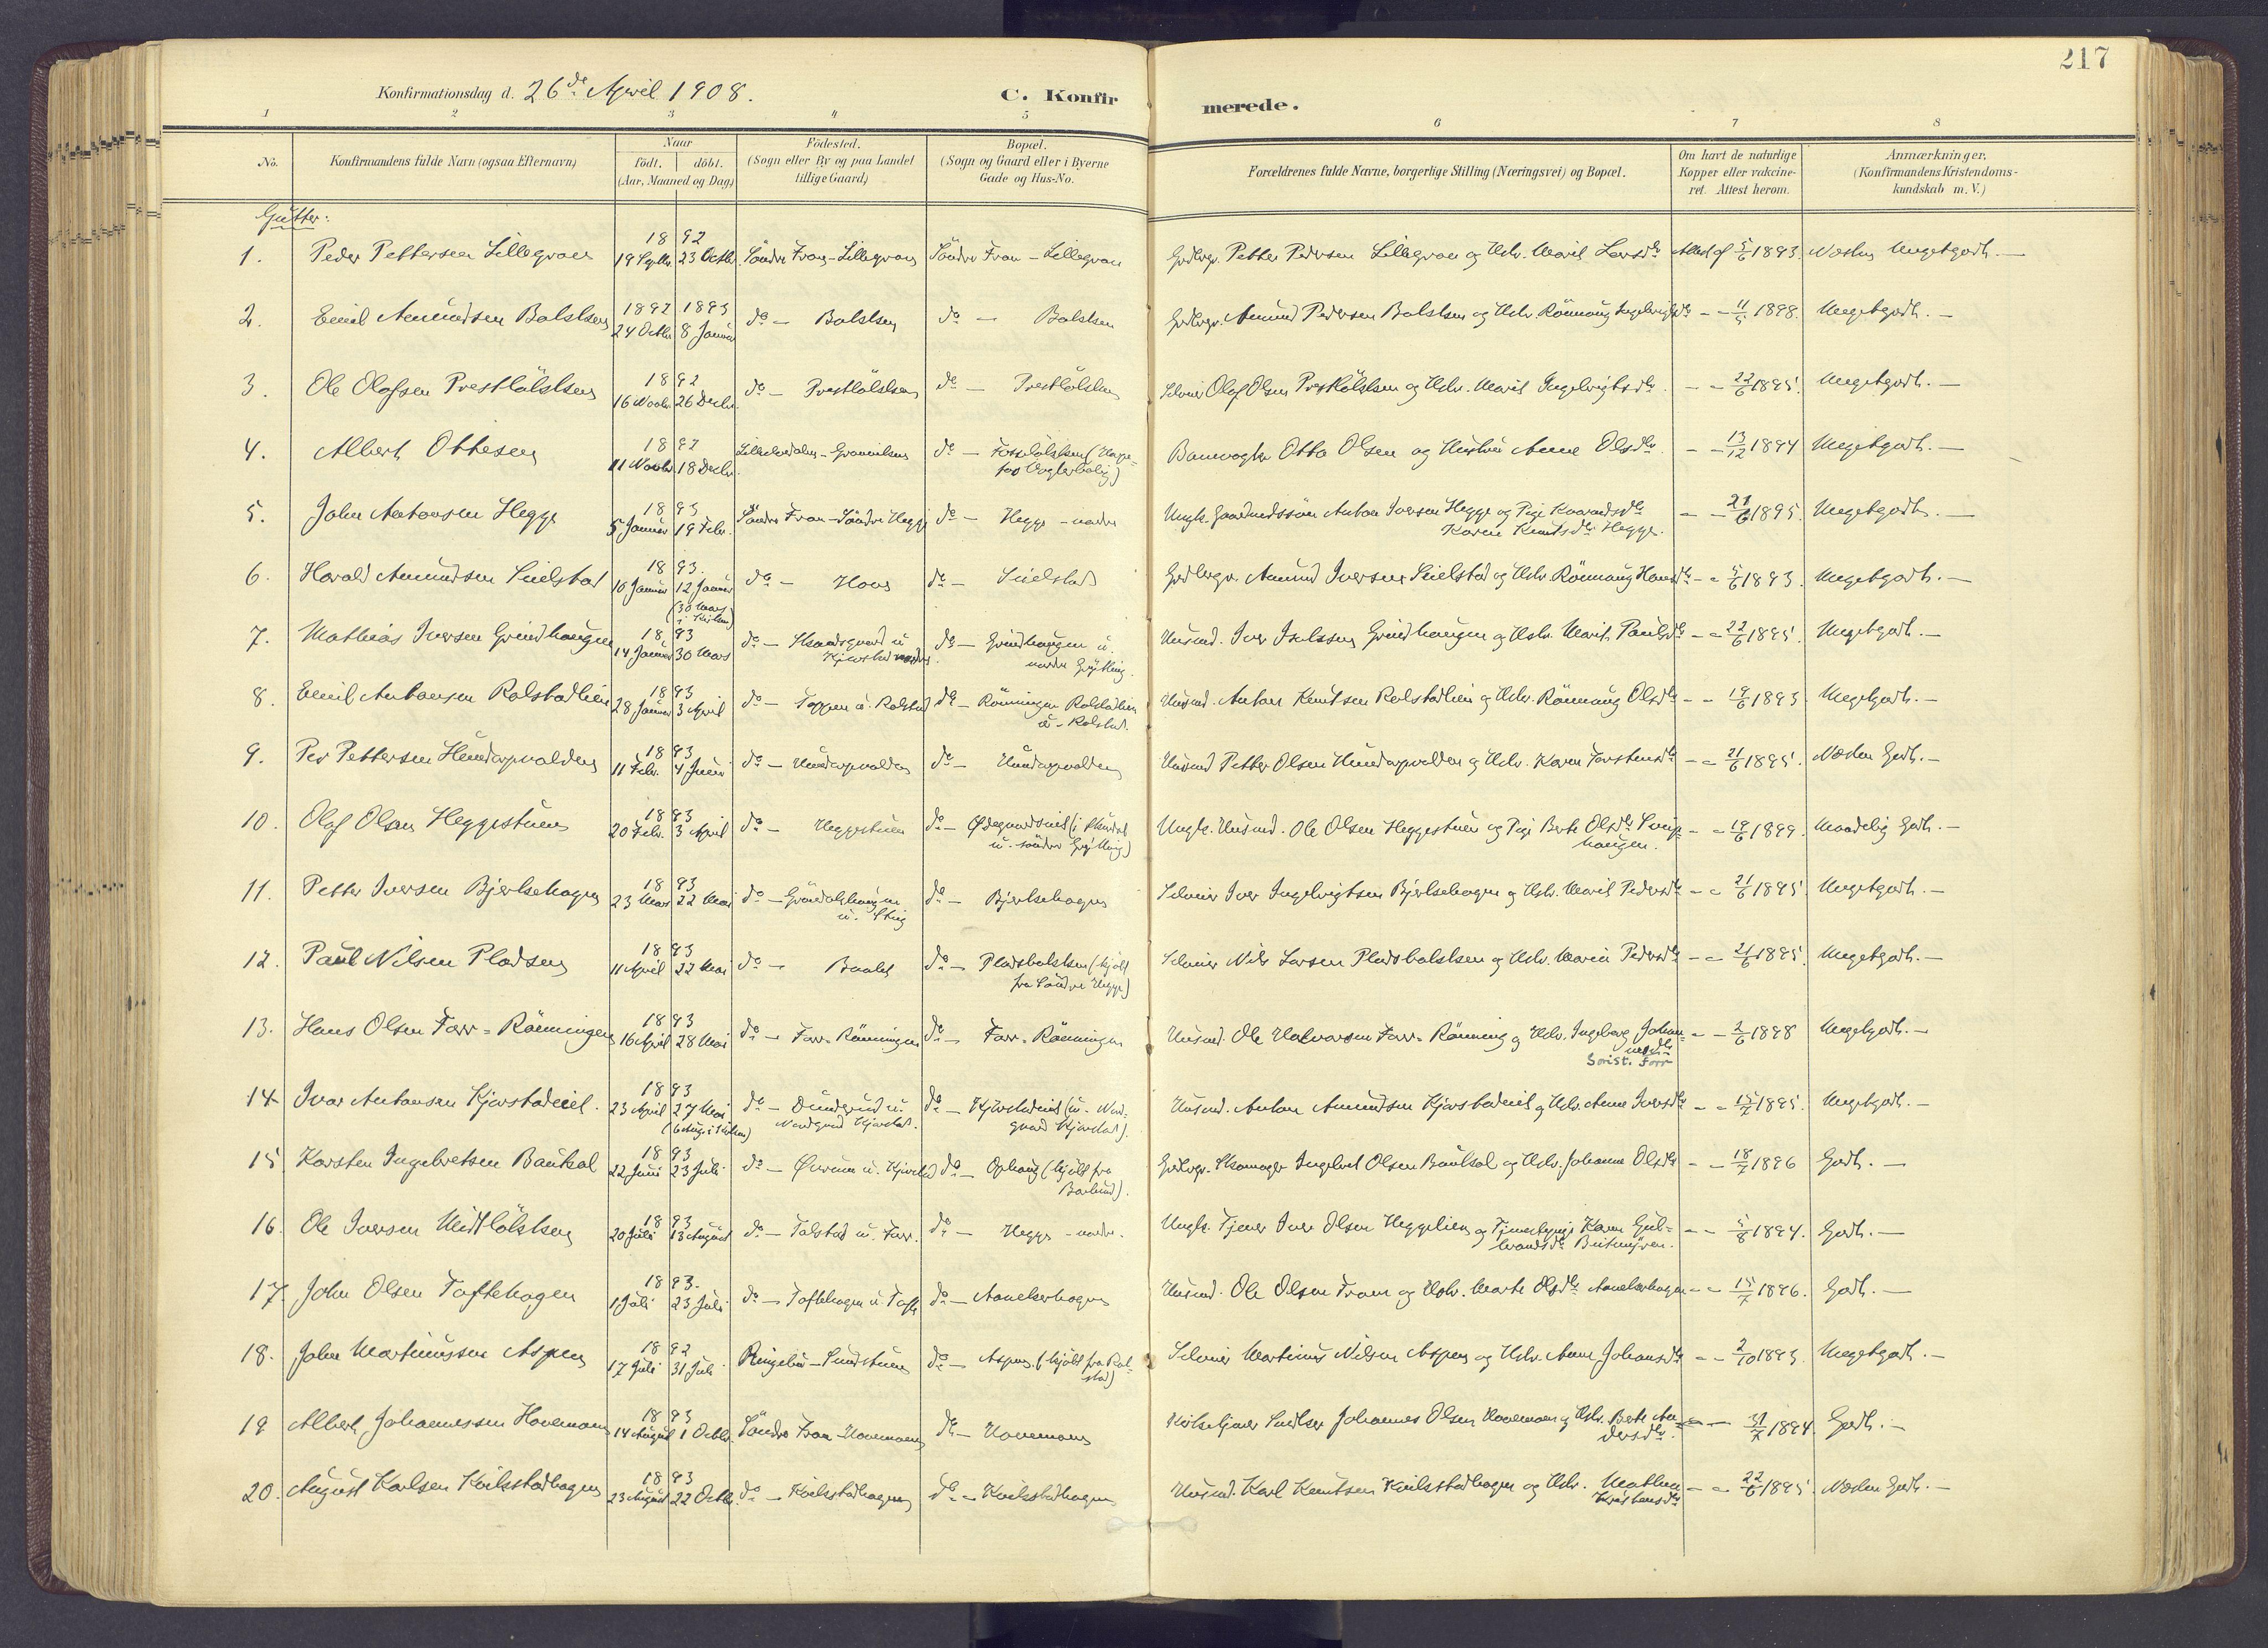 SAH, Sør-Fron prestekontor, H/Ha/Haa/L0004: Ministerialbok nr. 4, 1898-1919, s. 217